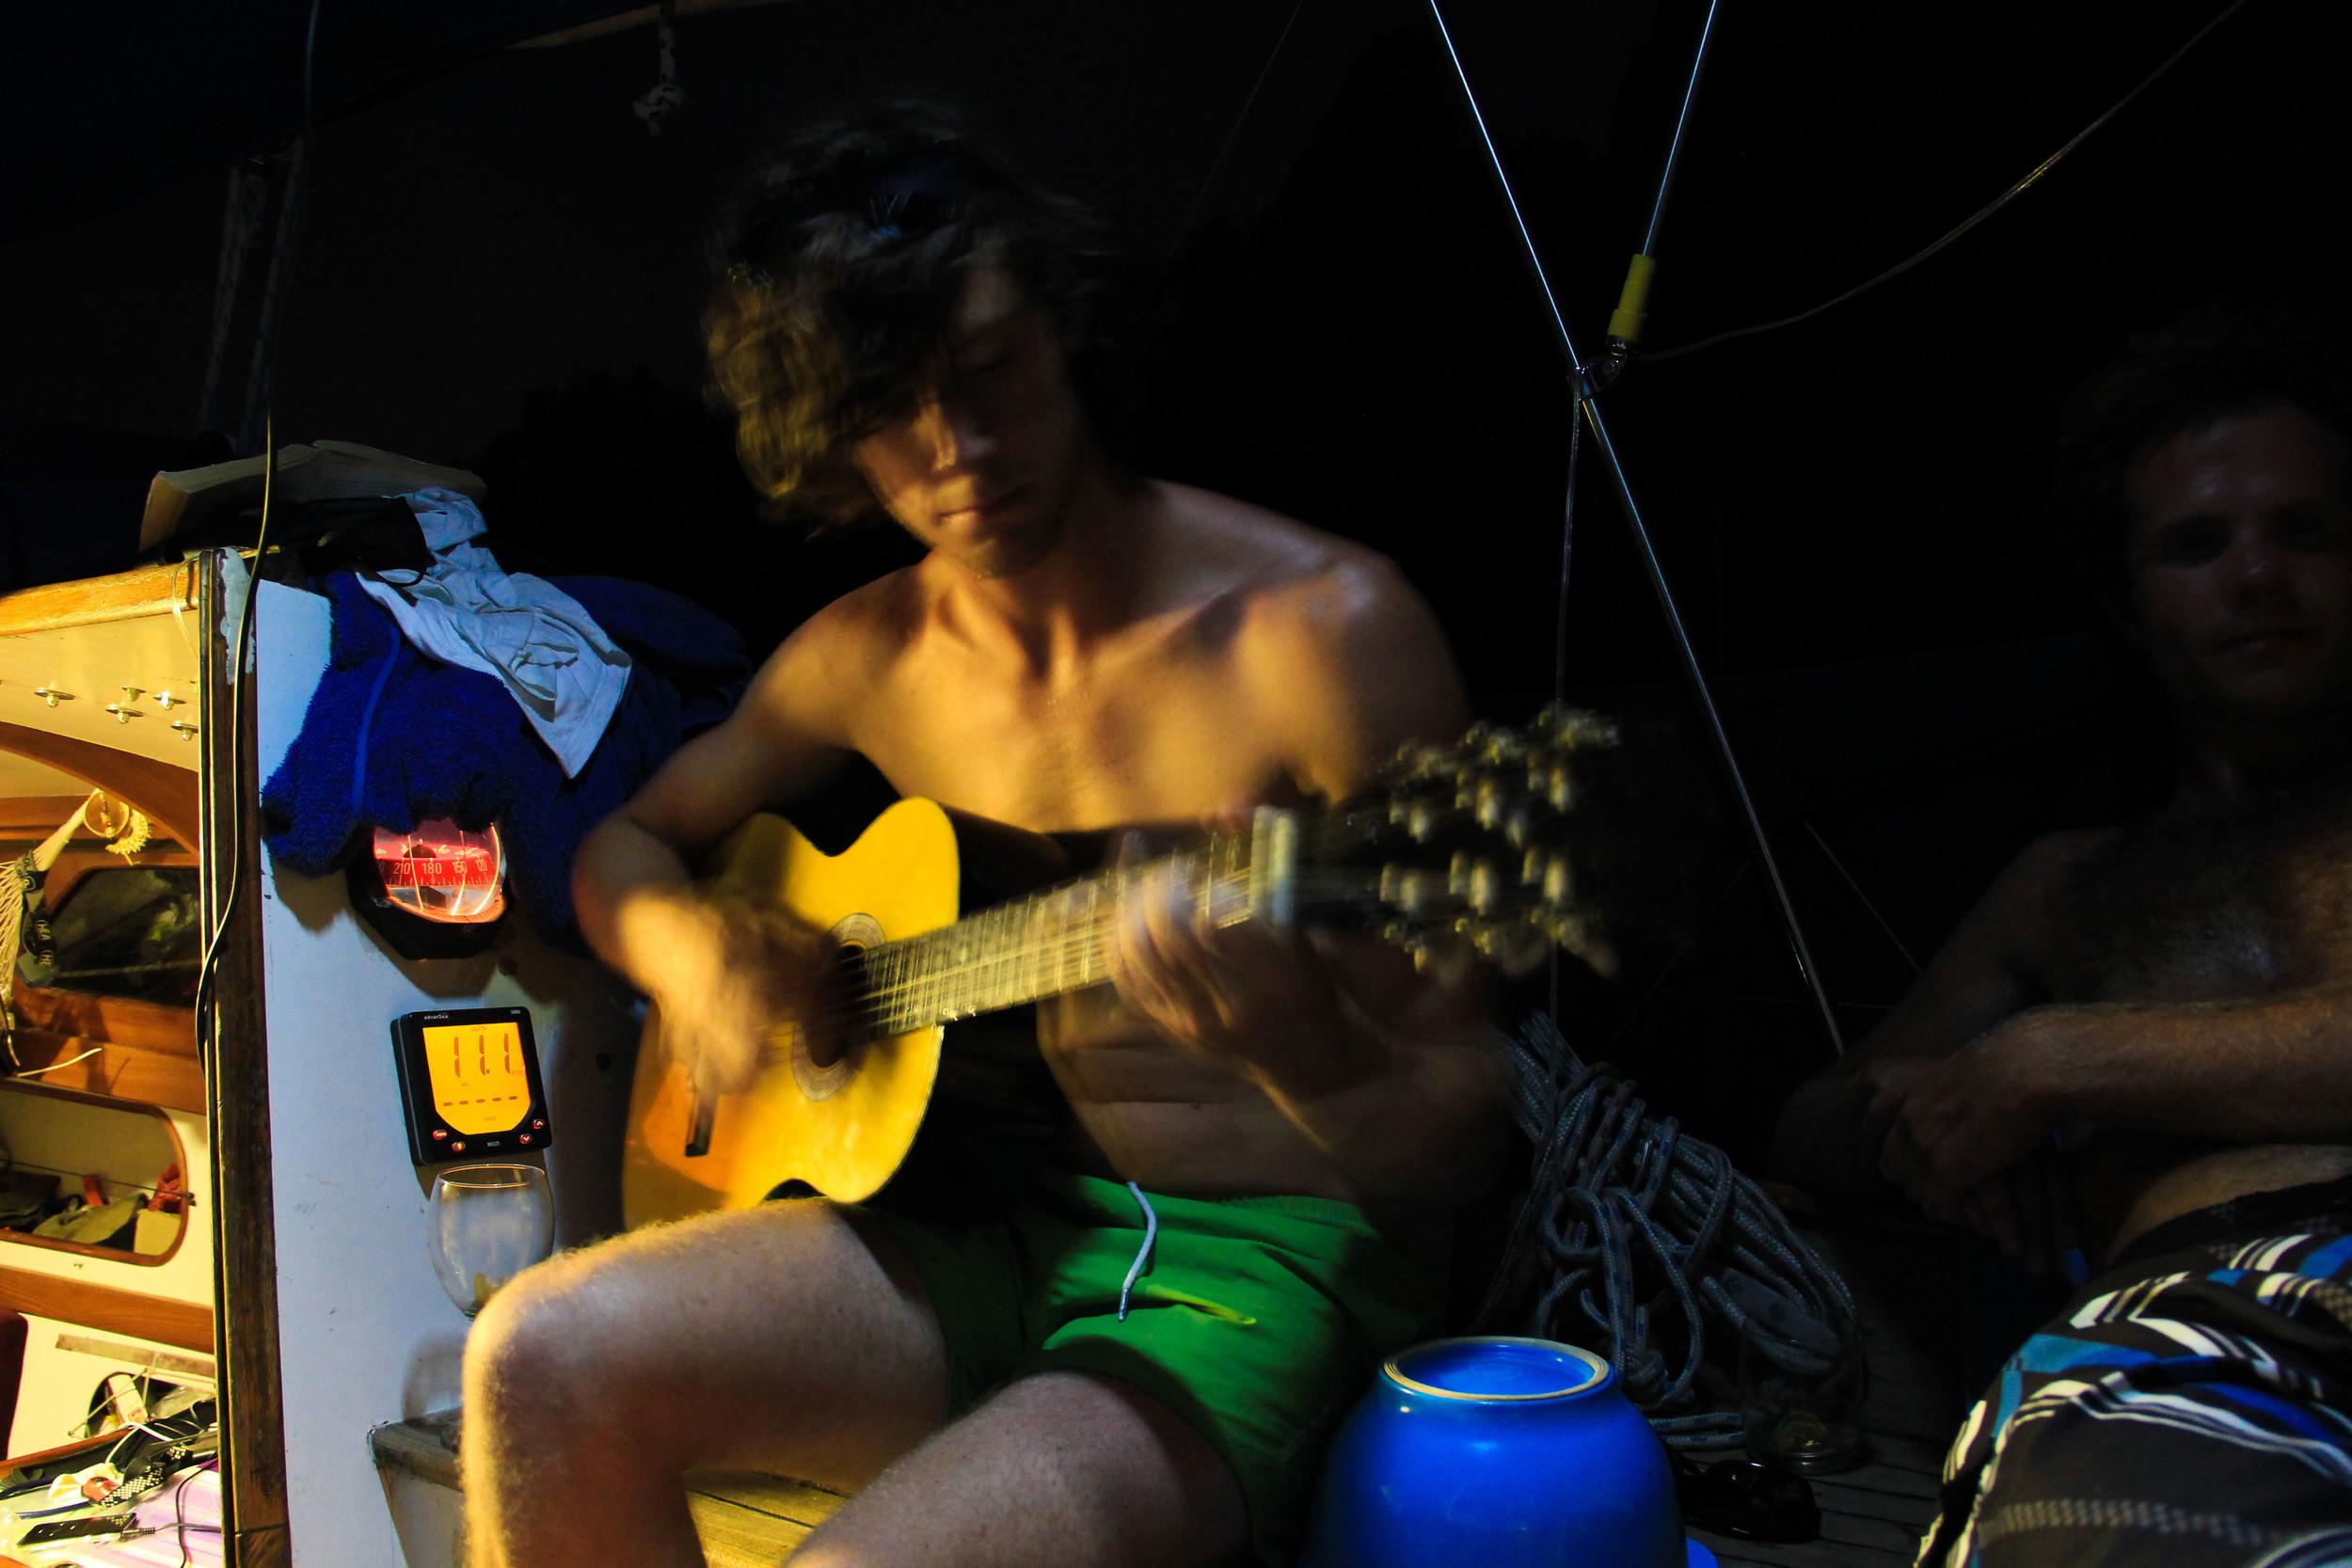 alue-optics-cam-guitar.jpg